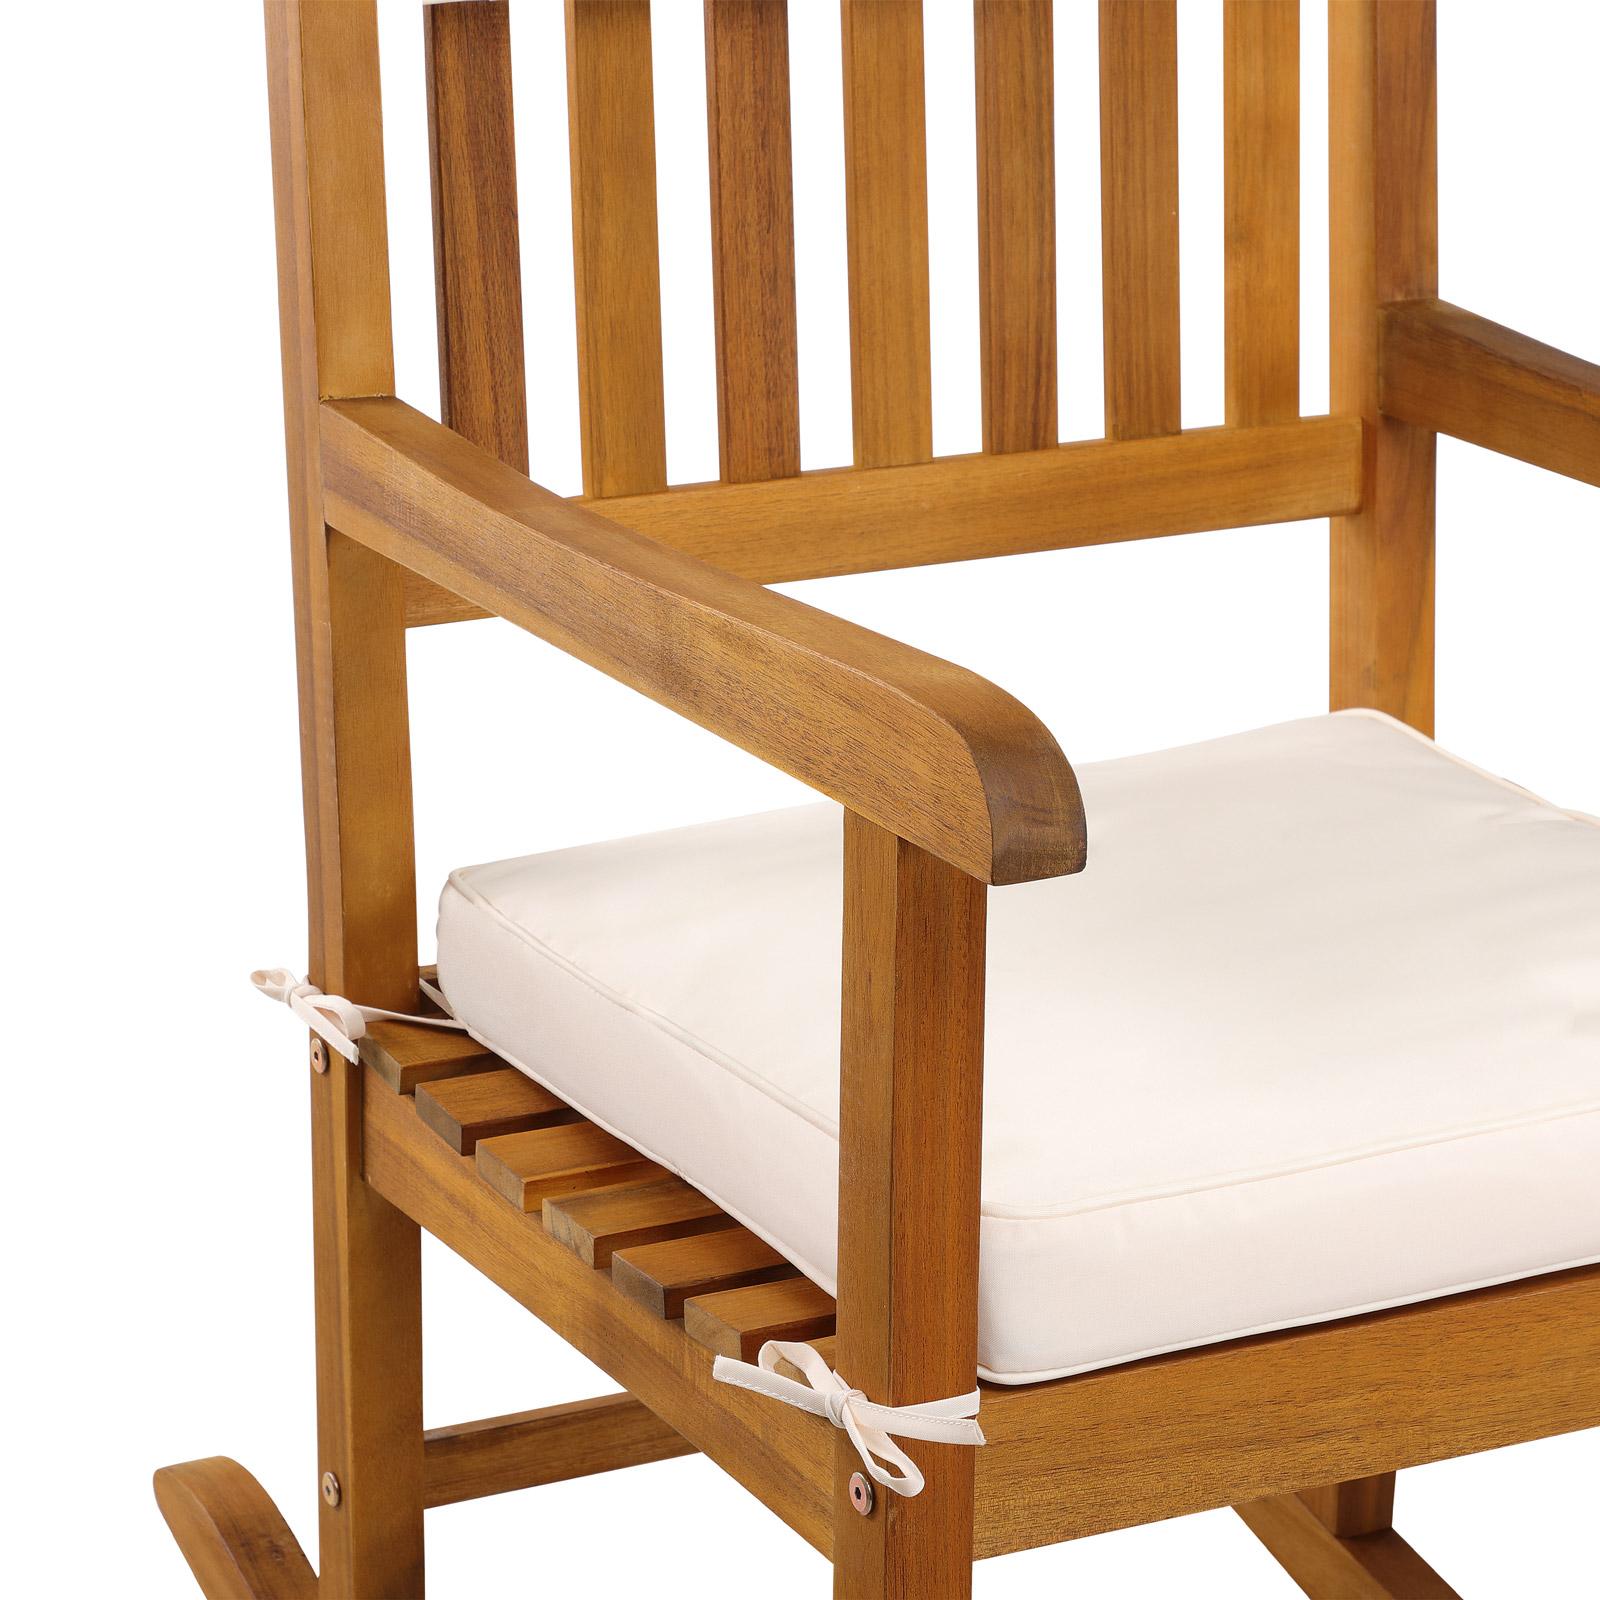 Schaukelstuhl gartenstuhl schwingsessel liegestuhl for Schaukelstuhl holz garten